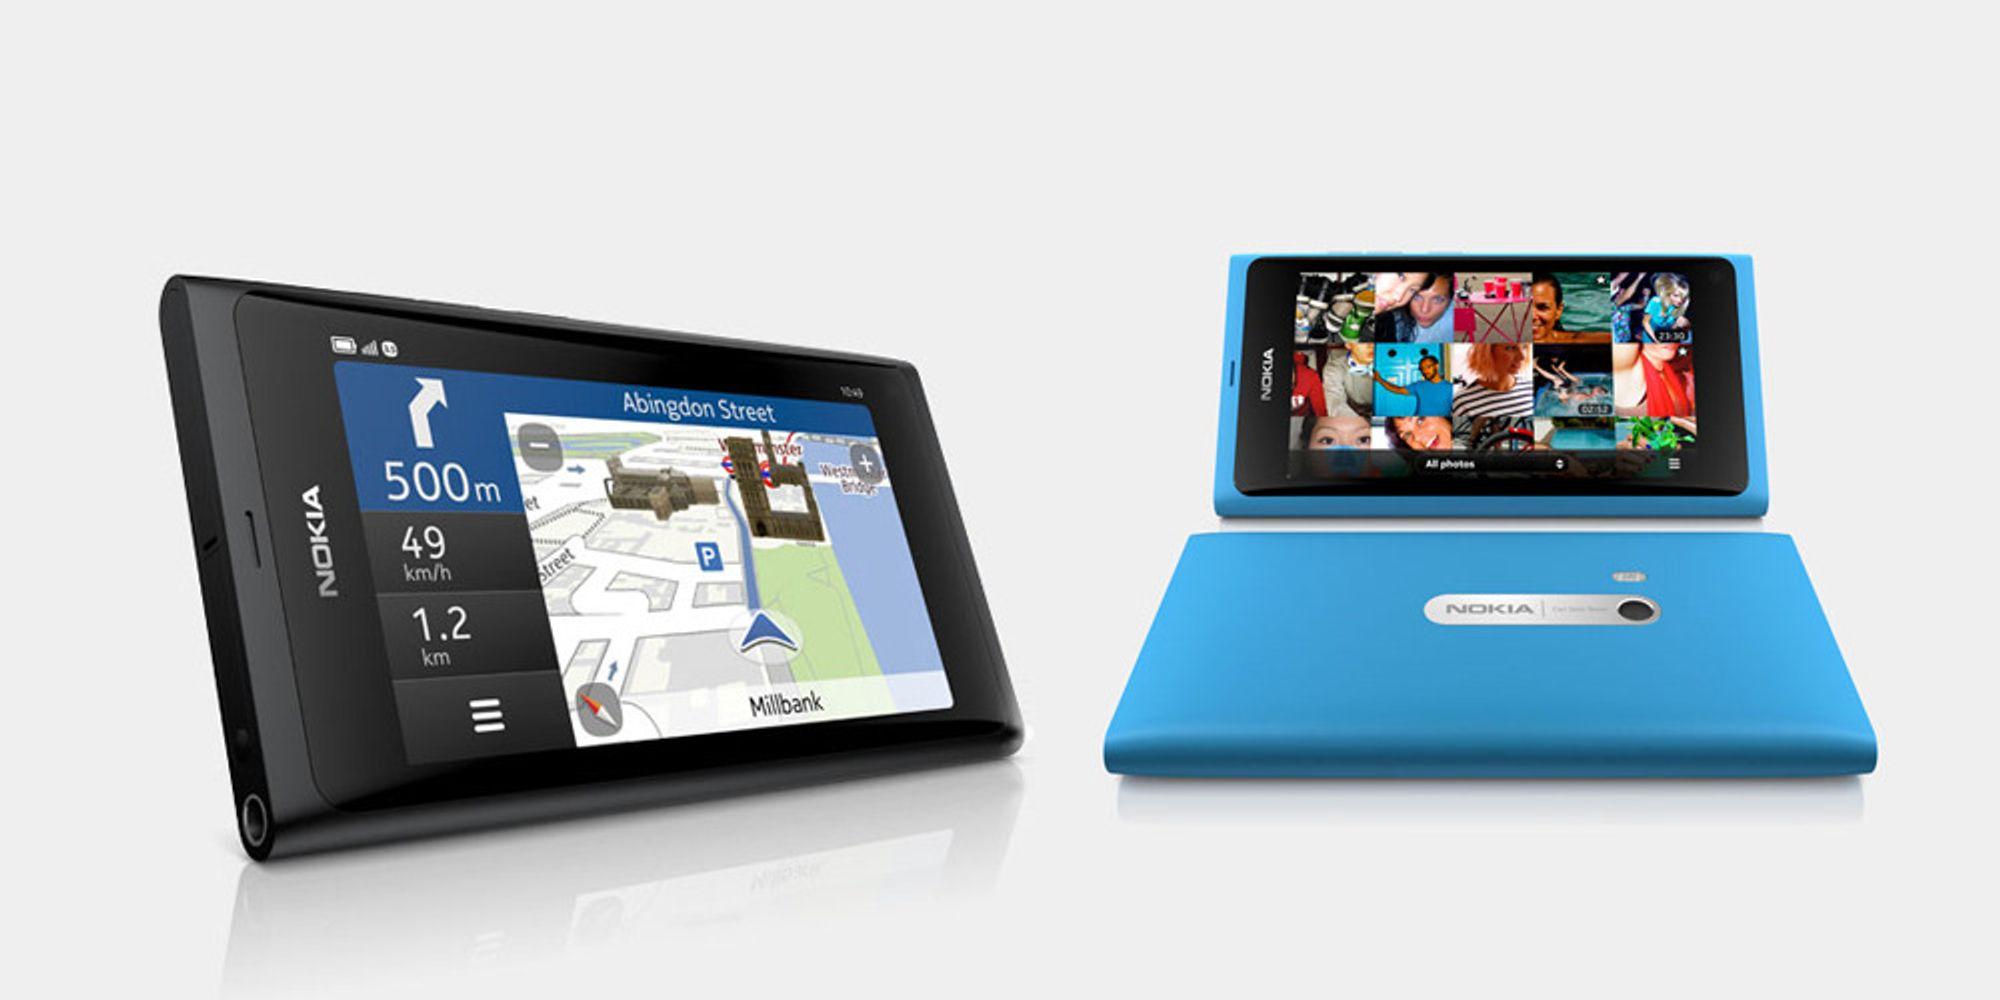 Slik er menyene i Nokia N9